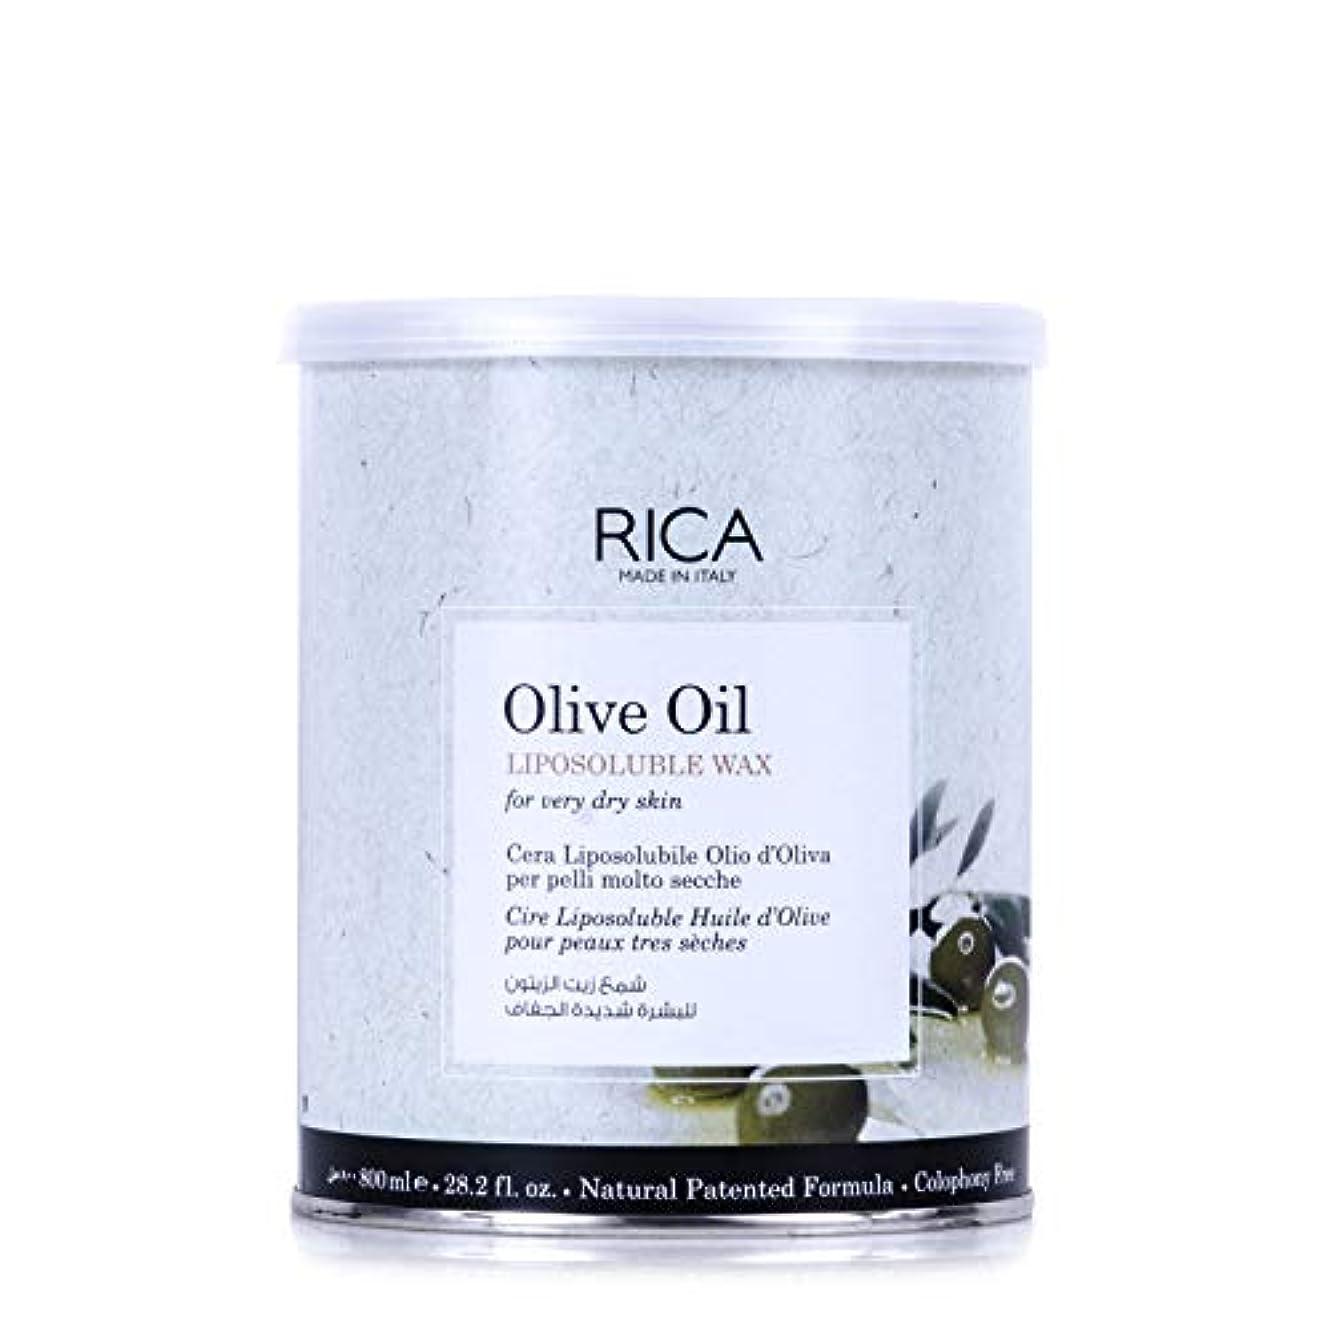 おしゃれな退屈させるマーティンルーサーキングジュニアRICA リポソルブルワックス OLO(オリーブオイル) 800mL ワックス脱毛 Olive Oil LIPOSOLUBLE WAX for very dry skin リカ